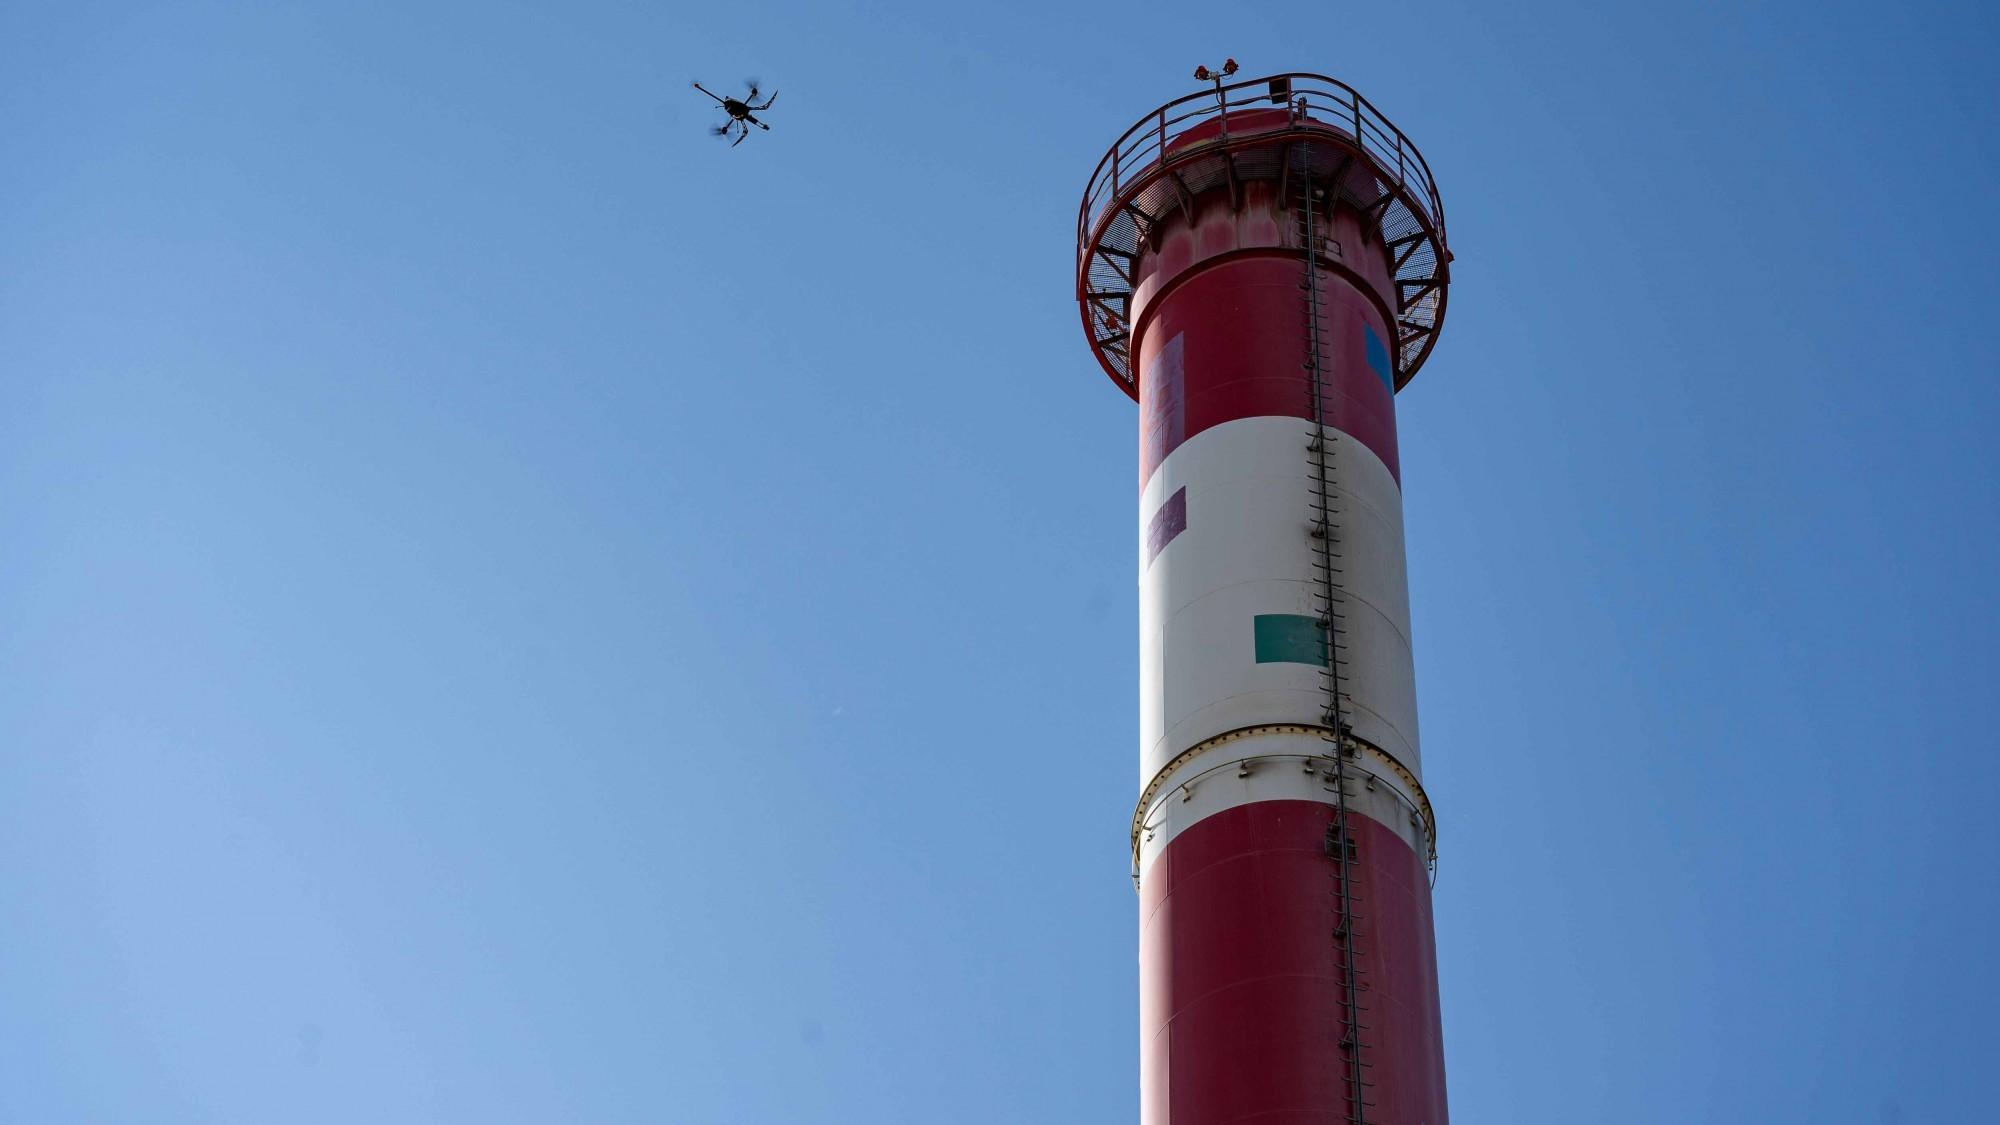 Drohnen-Messung an Kamin von Holcim-Zementwerk